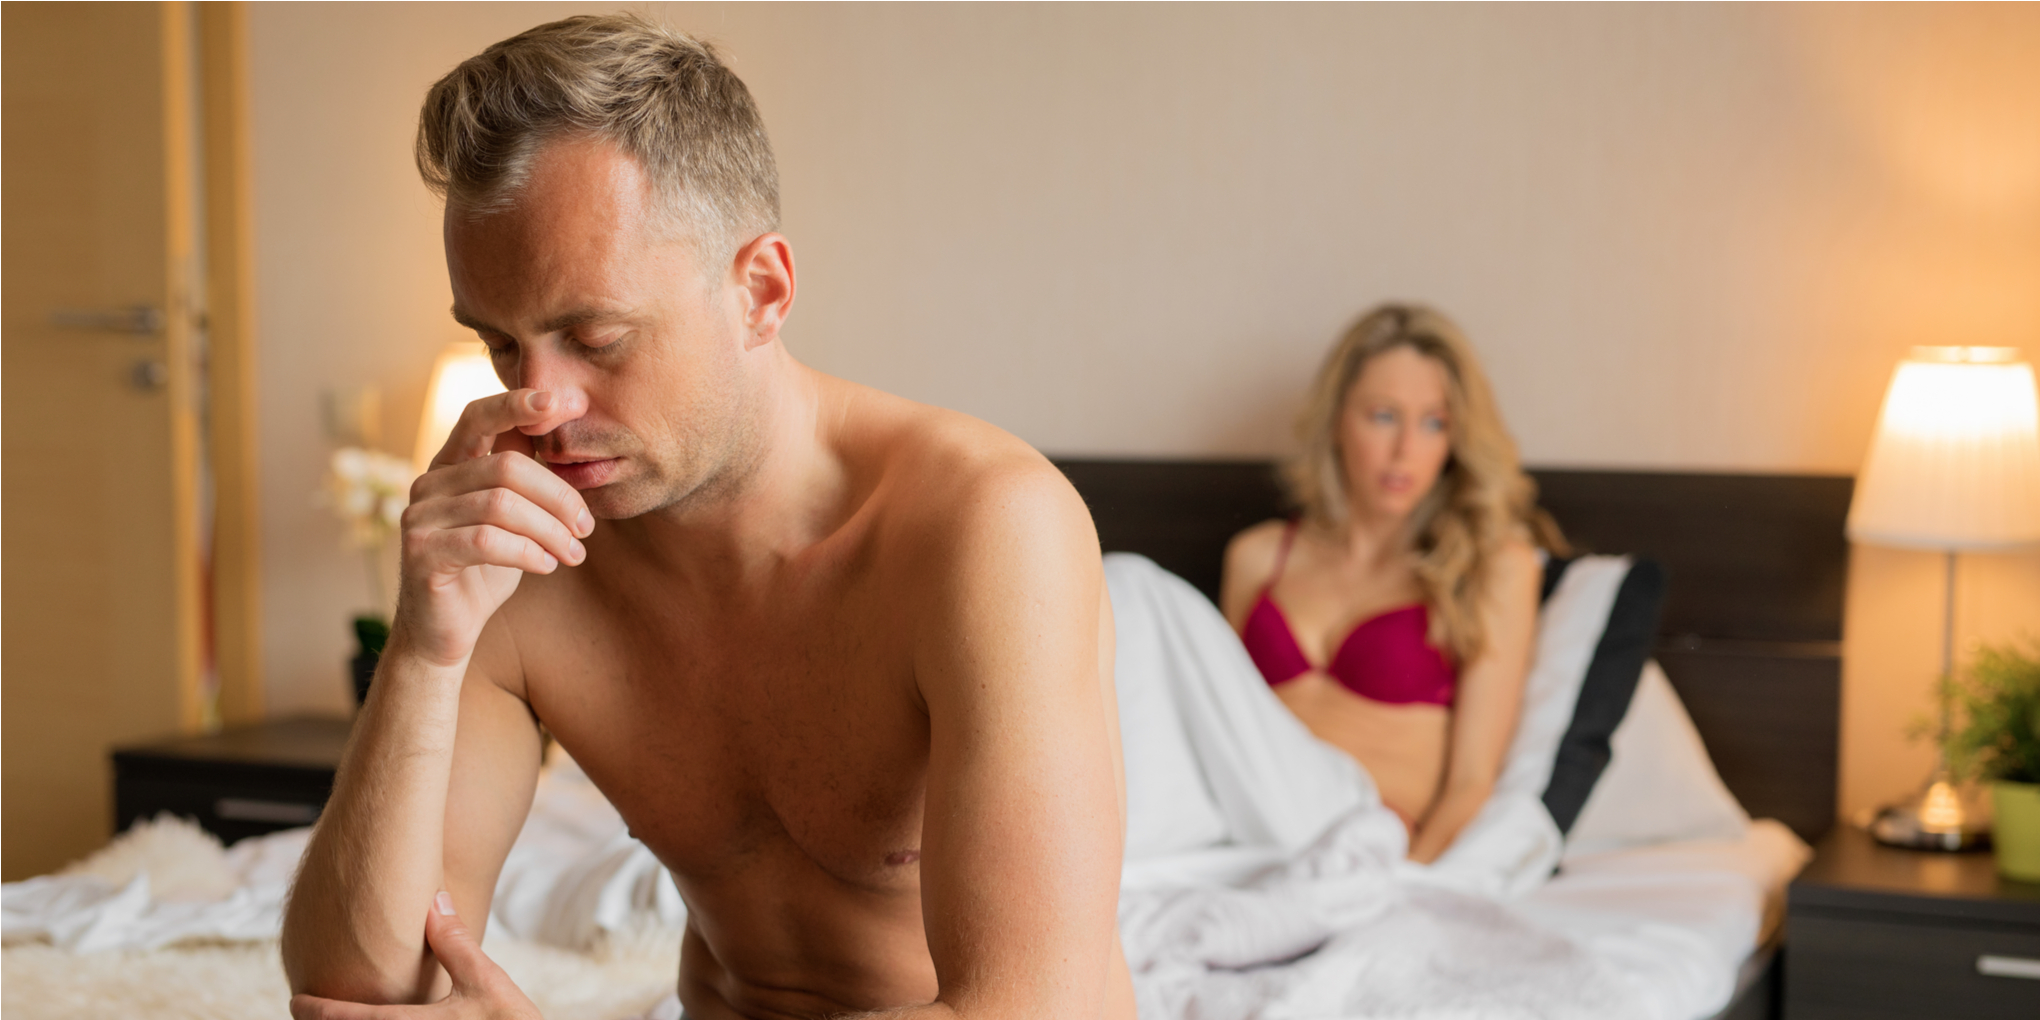 Vyriškoji menopauzė – kas tai ir kaip su ja kovoti?